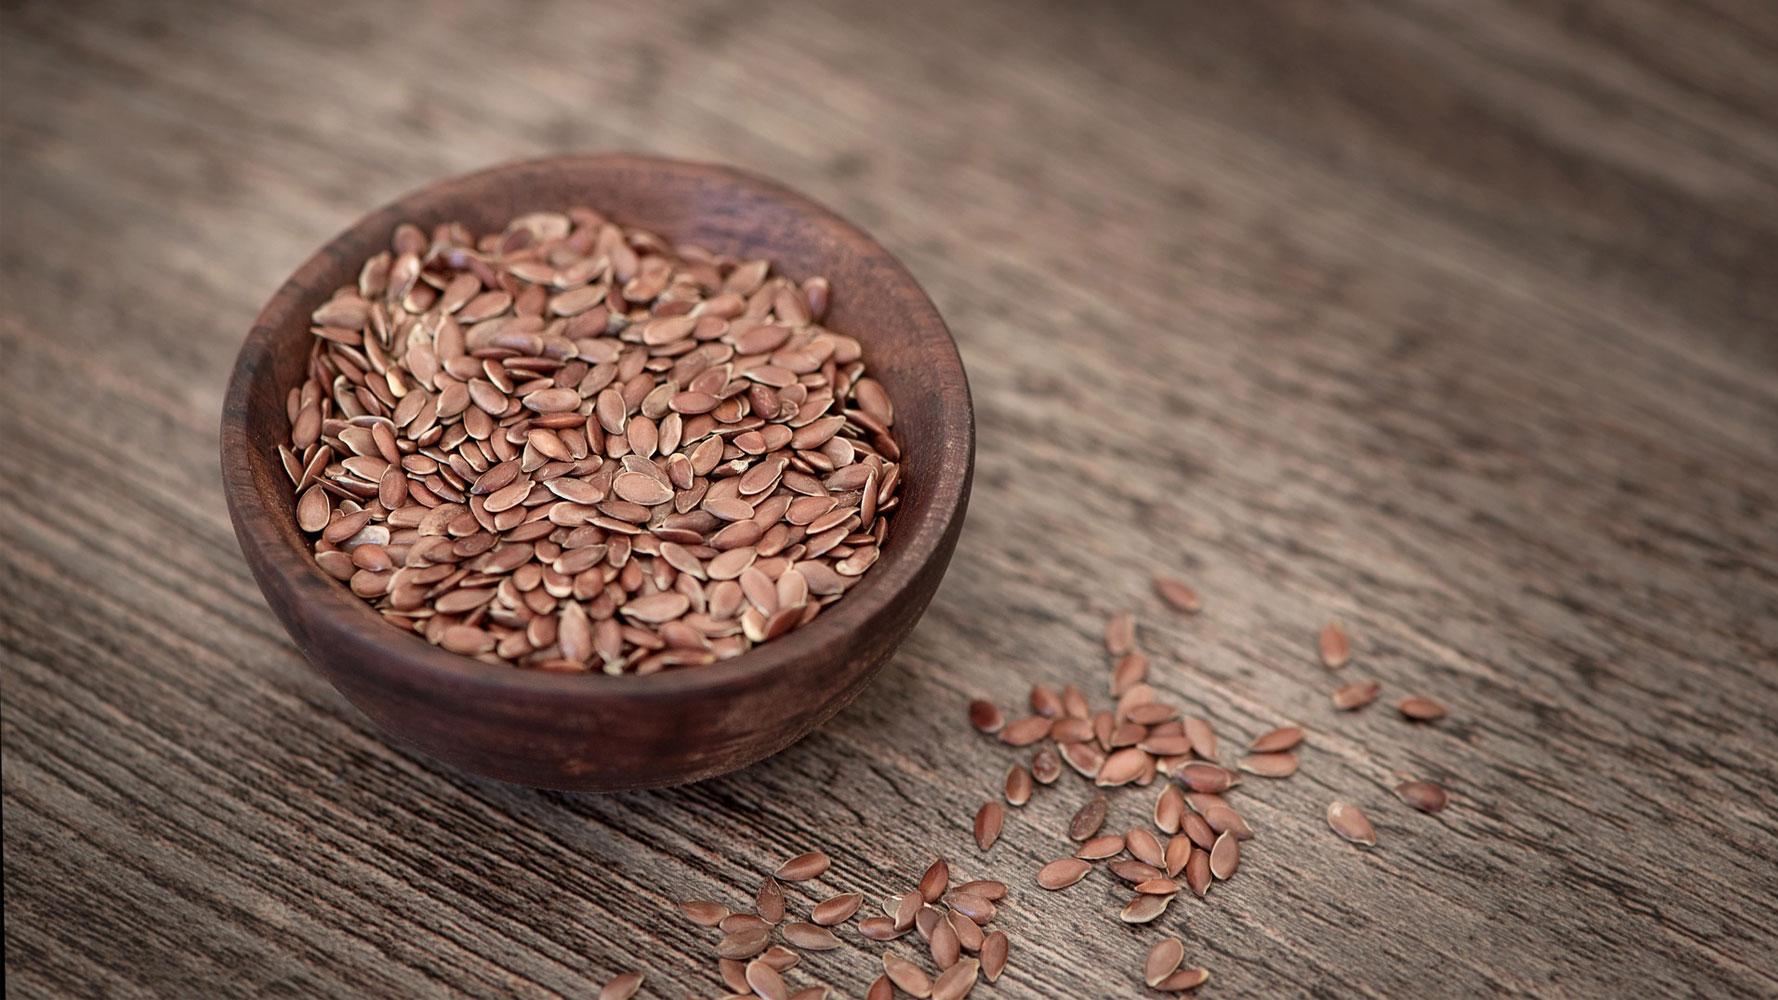 Keten tohumu fiyatları,Keten tohumu piyasası, Keten tohumu resmi